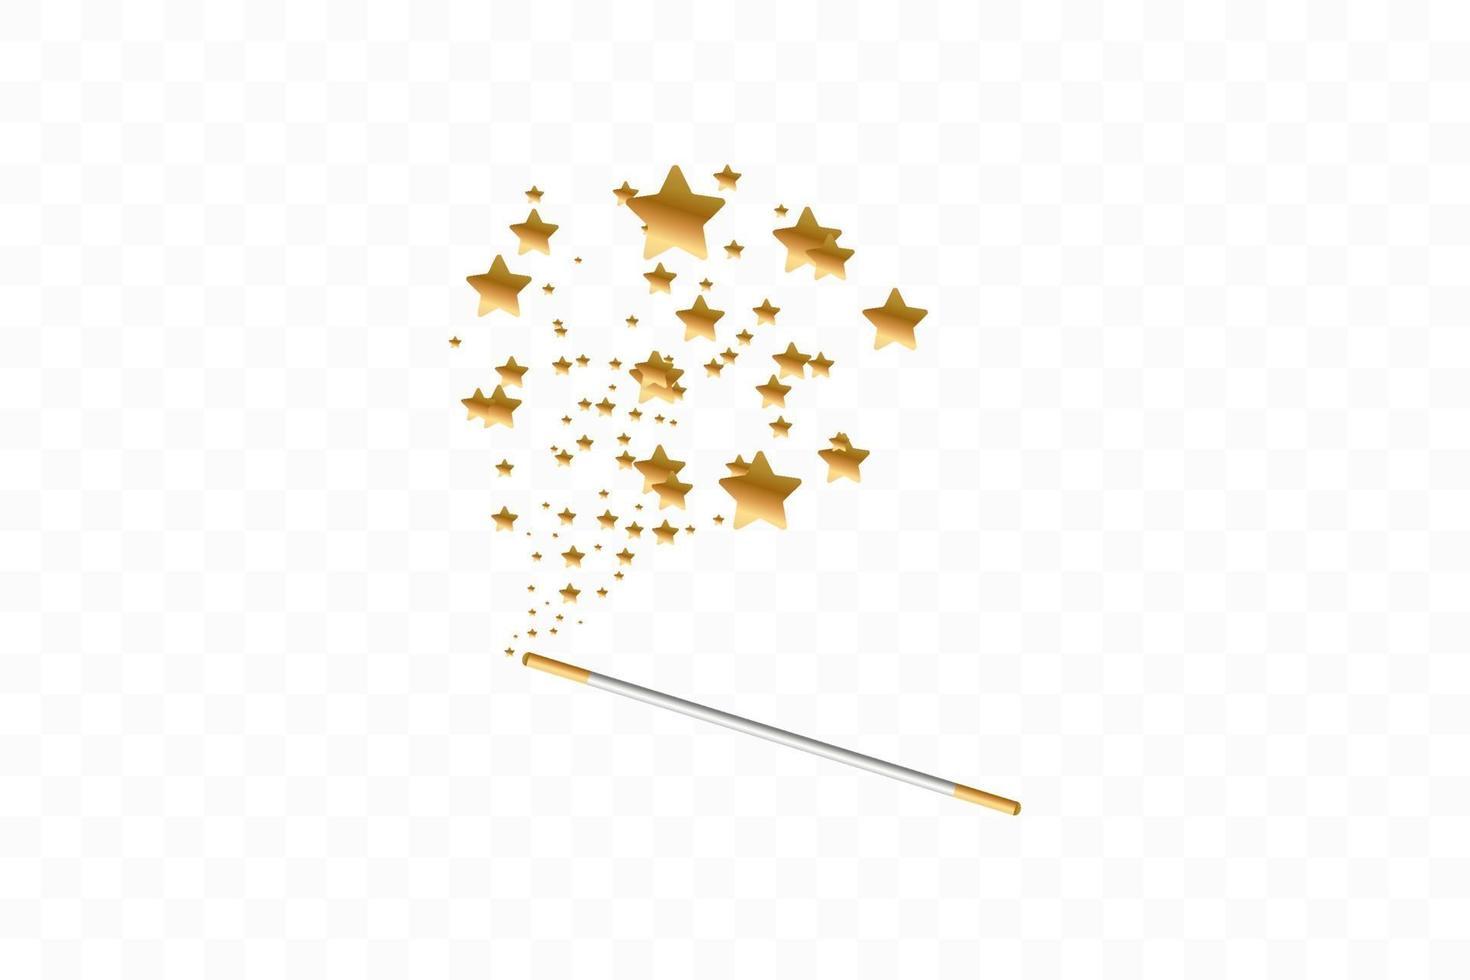 trollstav med stjärnor bakgrund. spår av gulddamm. magisk abstrakt bakgrund isolerad. mirakel och magi. vektor illustration platt design